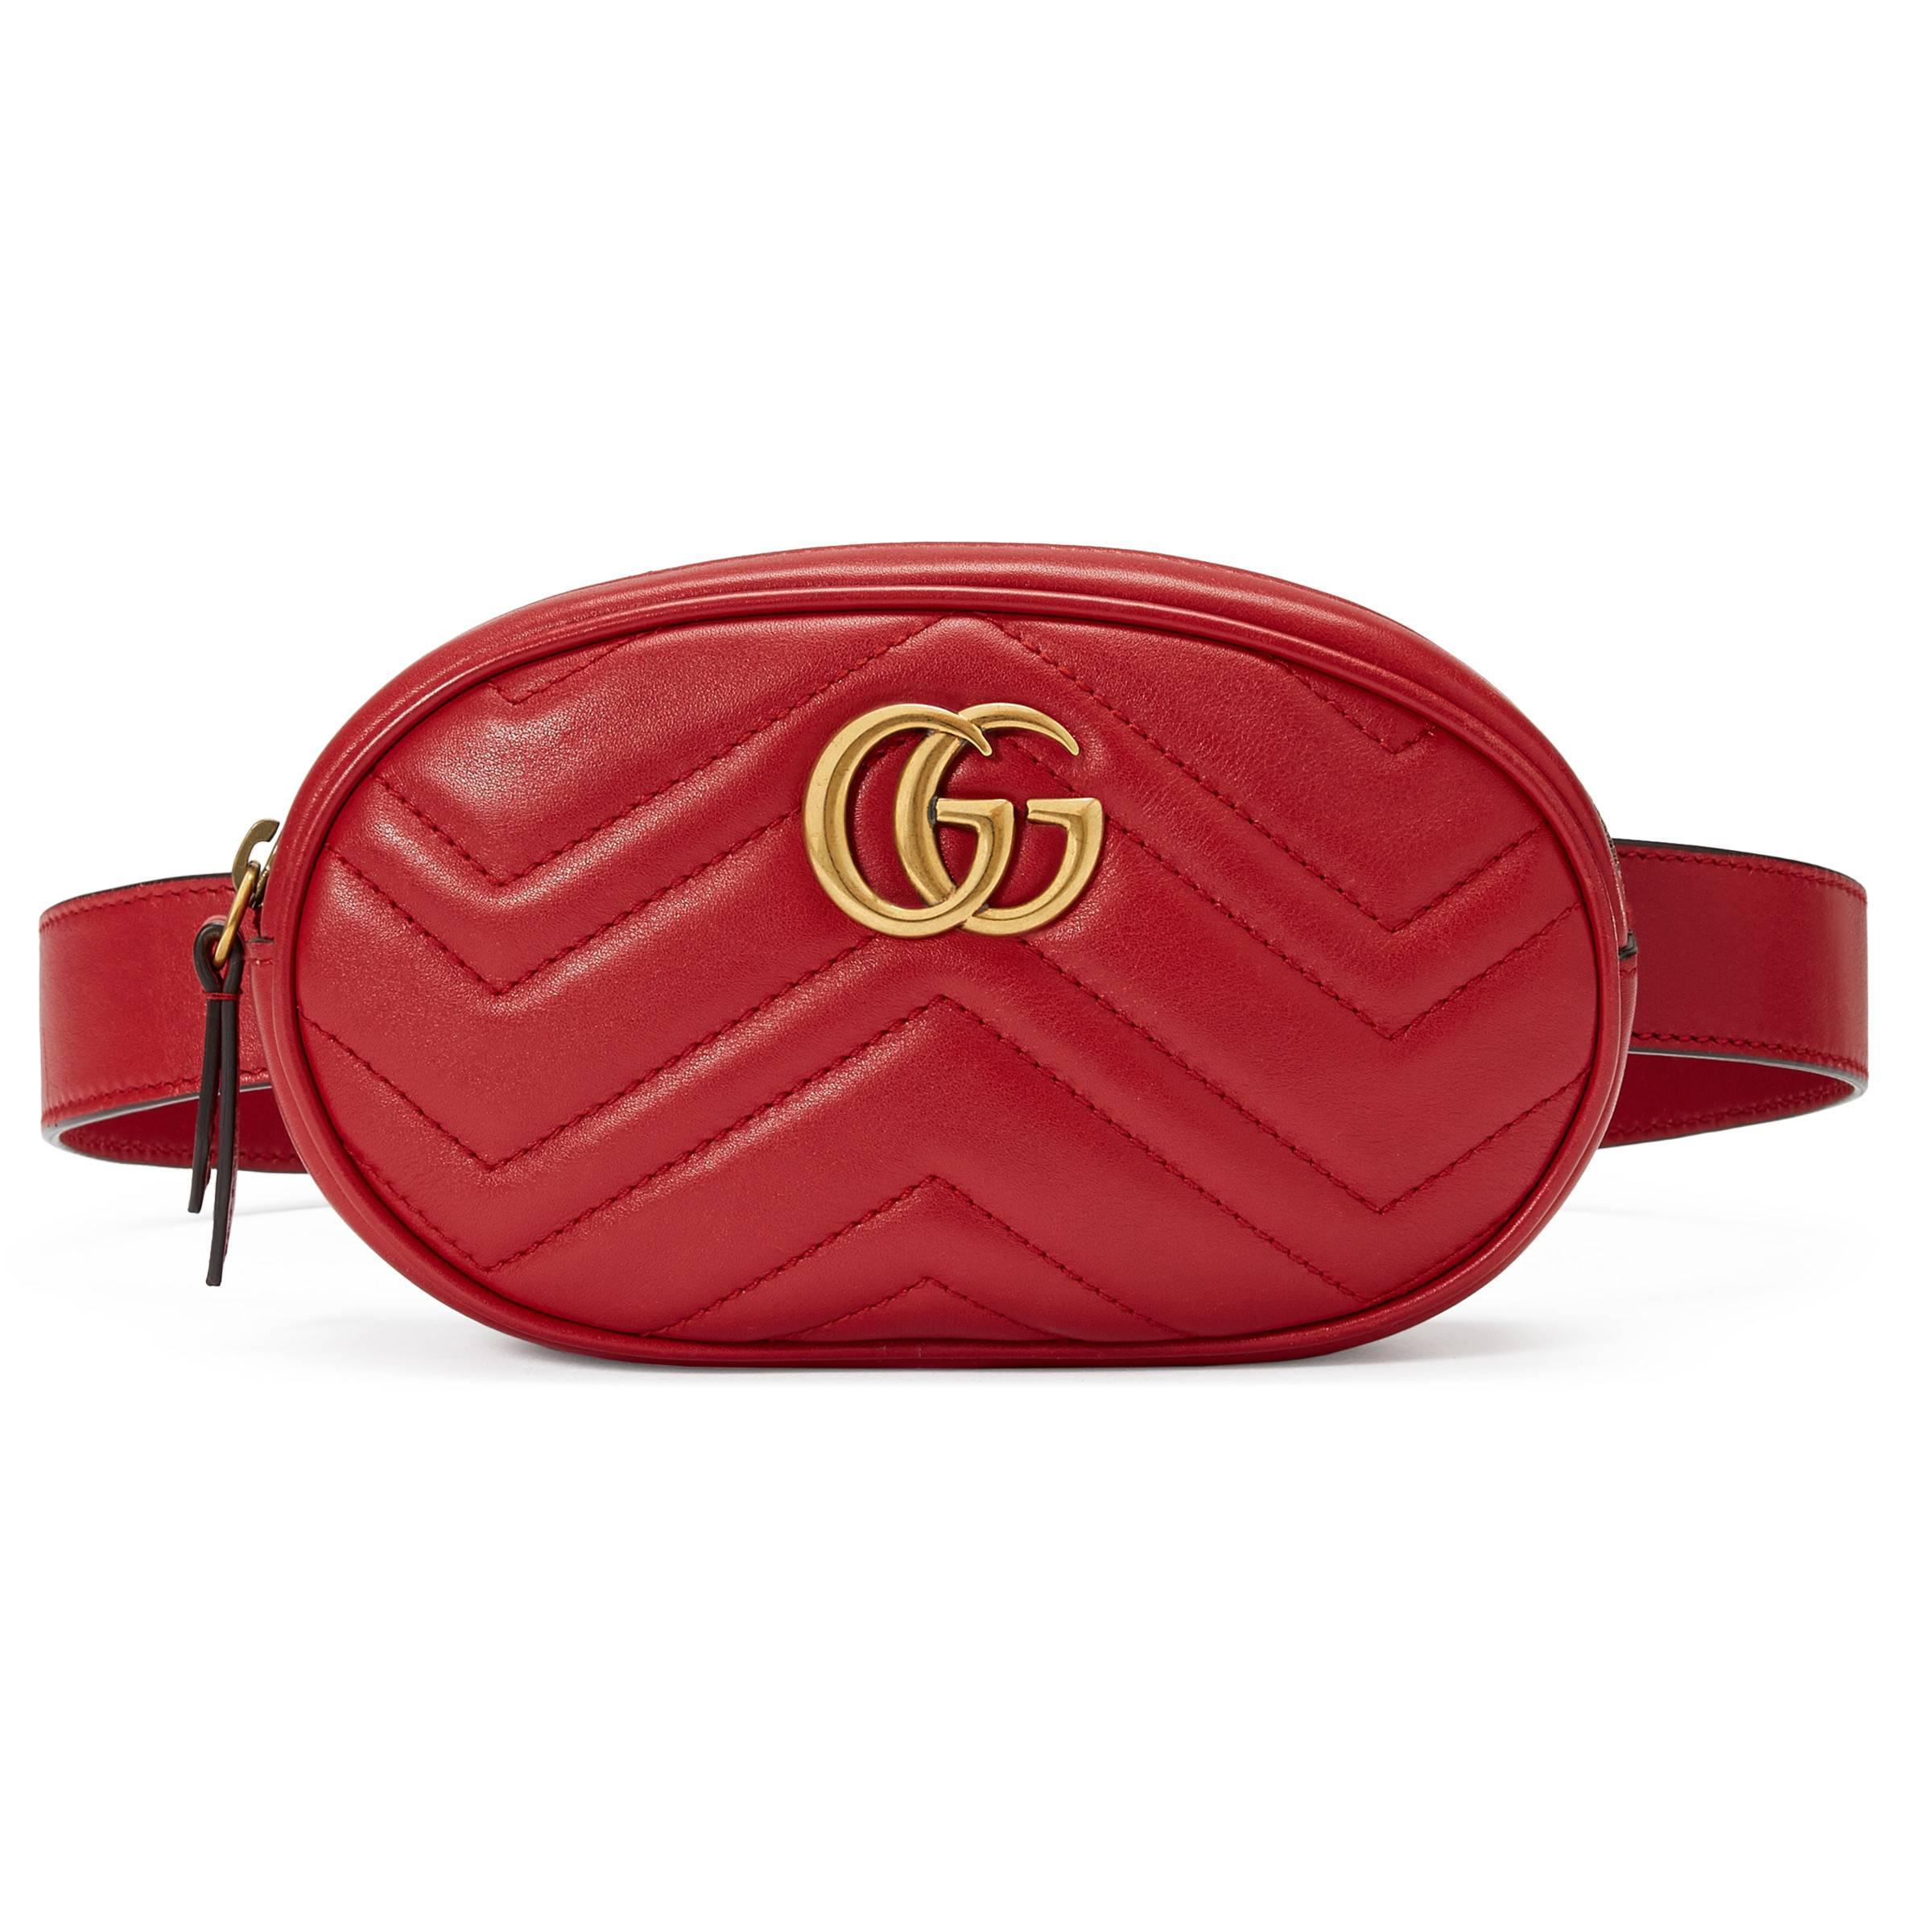 Lyst - Sac ceinture GG Marmont en cuir matelassé Gucci en coloris Rouge ae2302dd07d